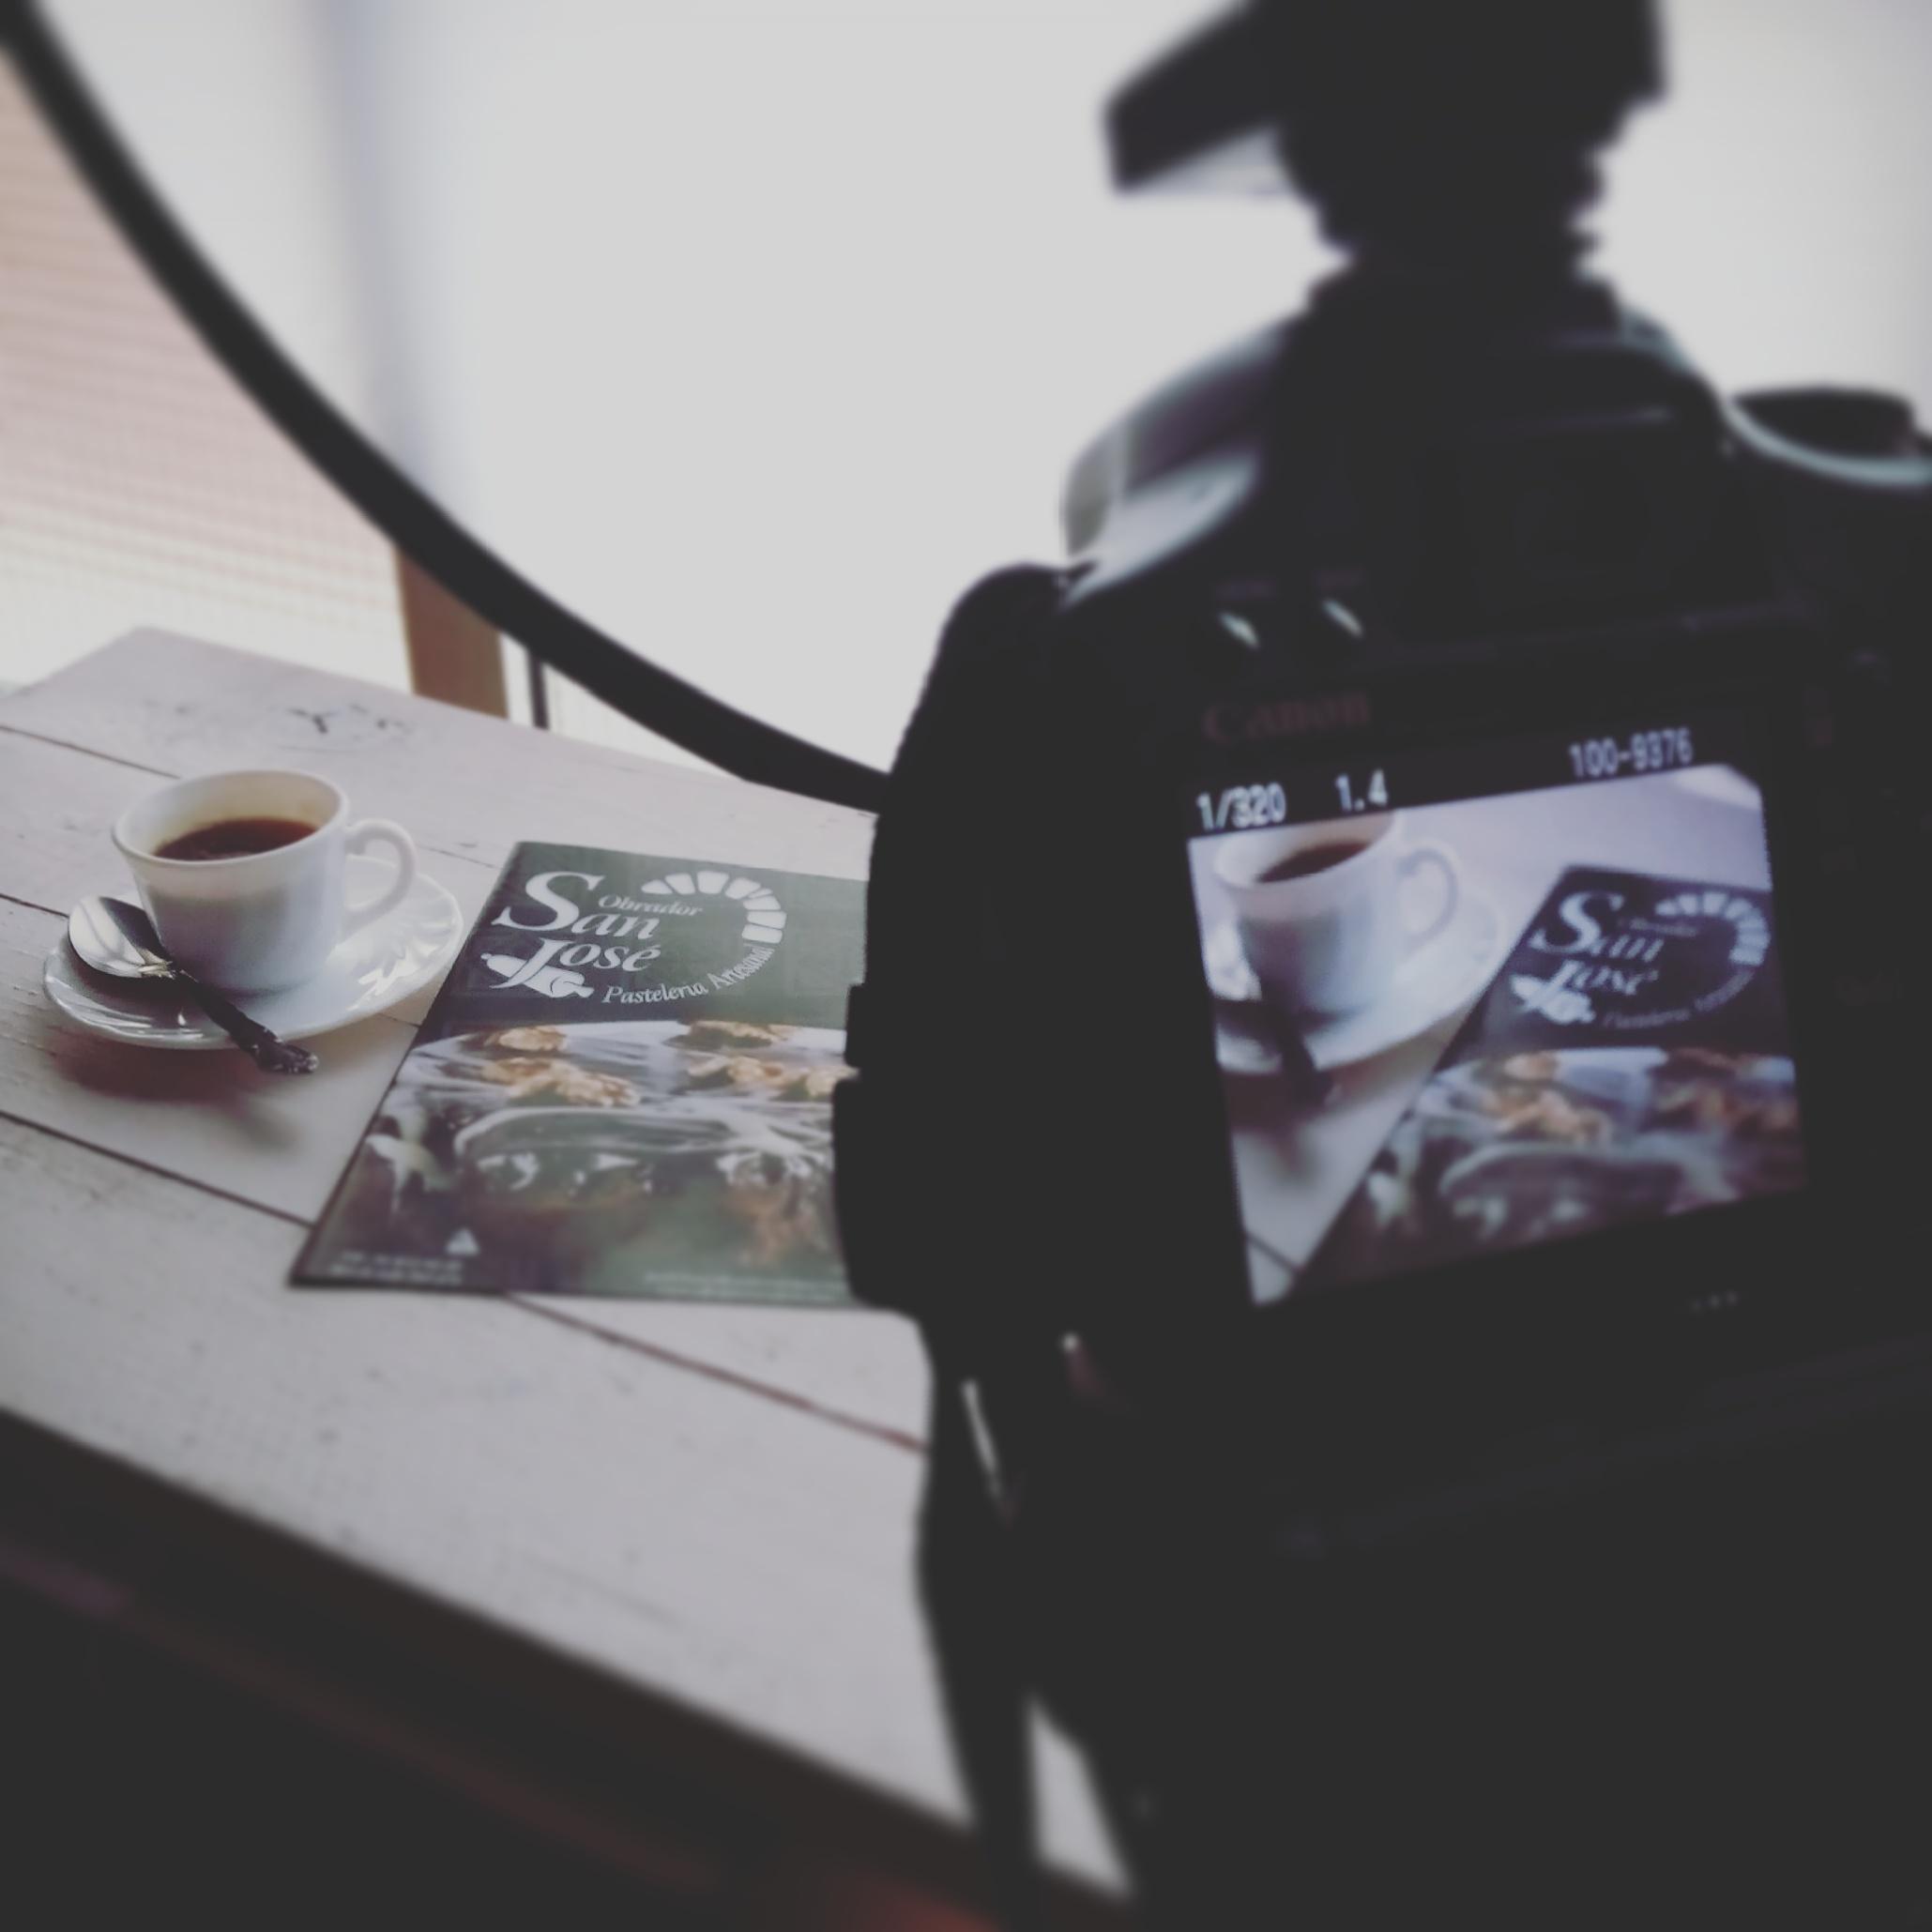 IMG 20151026 175550 - Como se hizo - Foto producto Café & Obrador